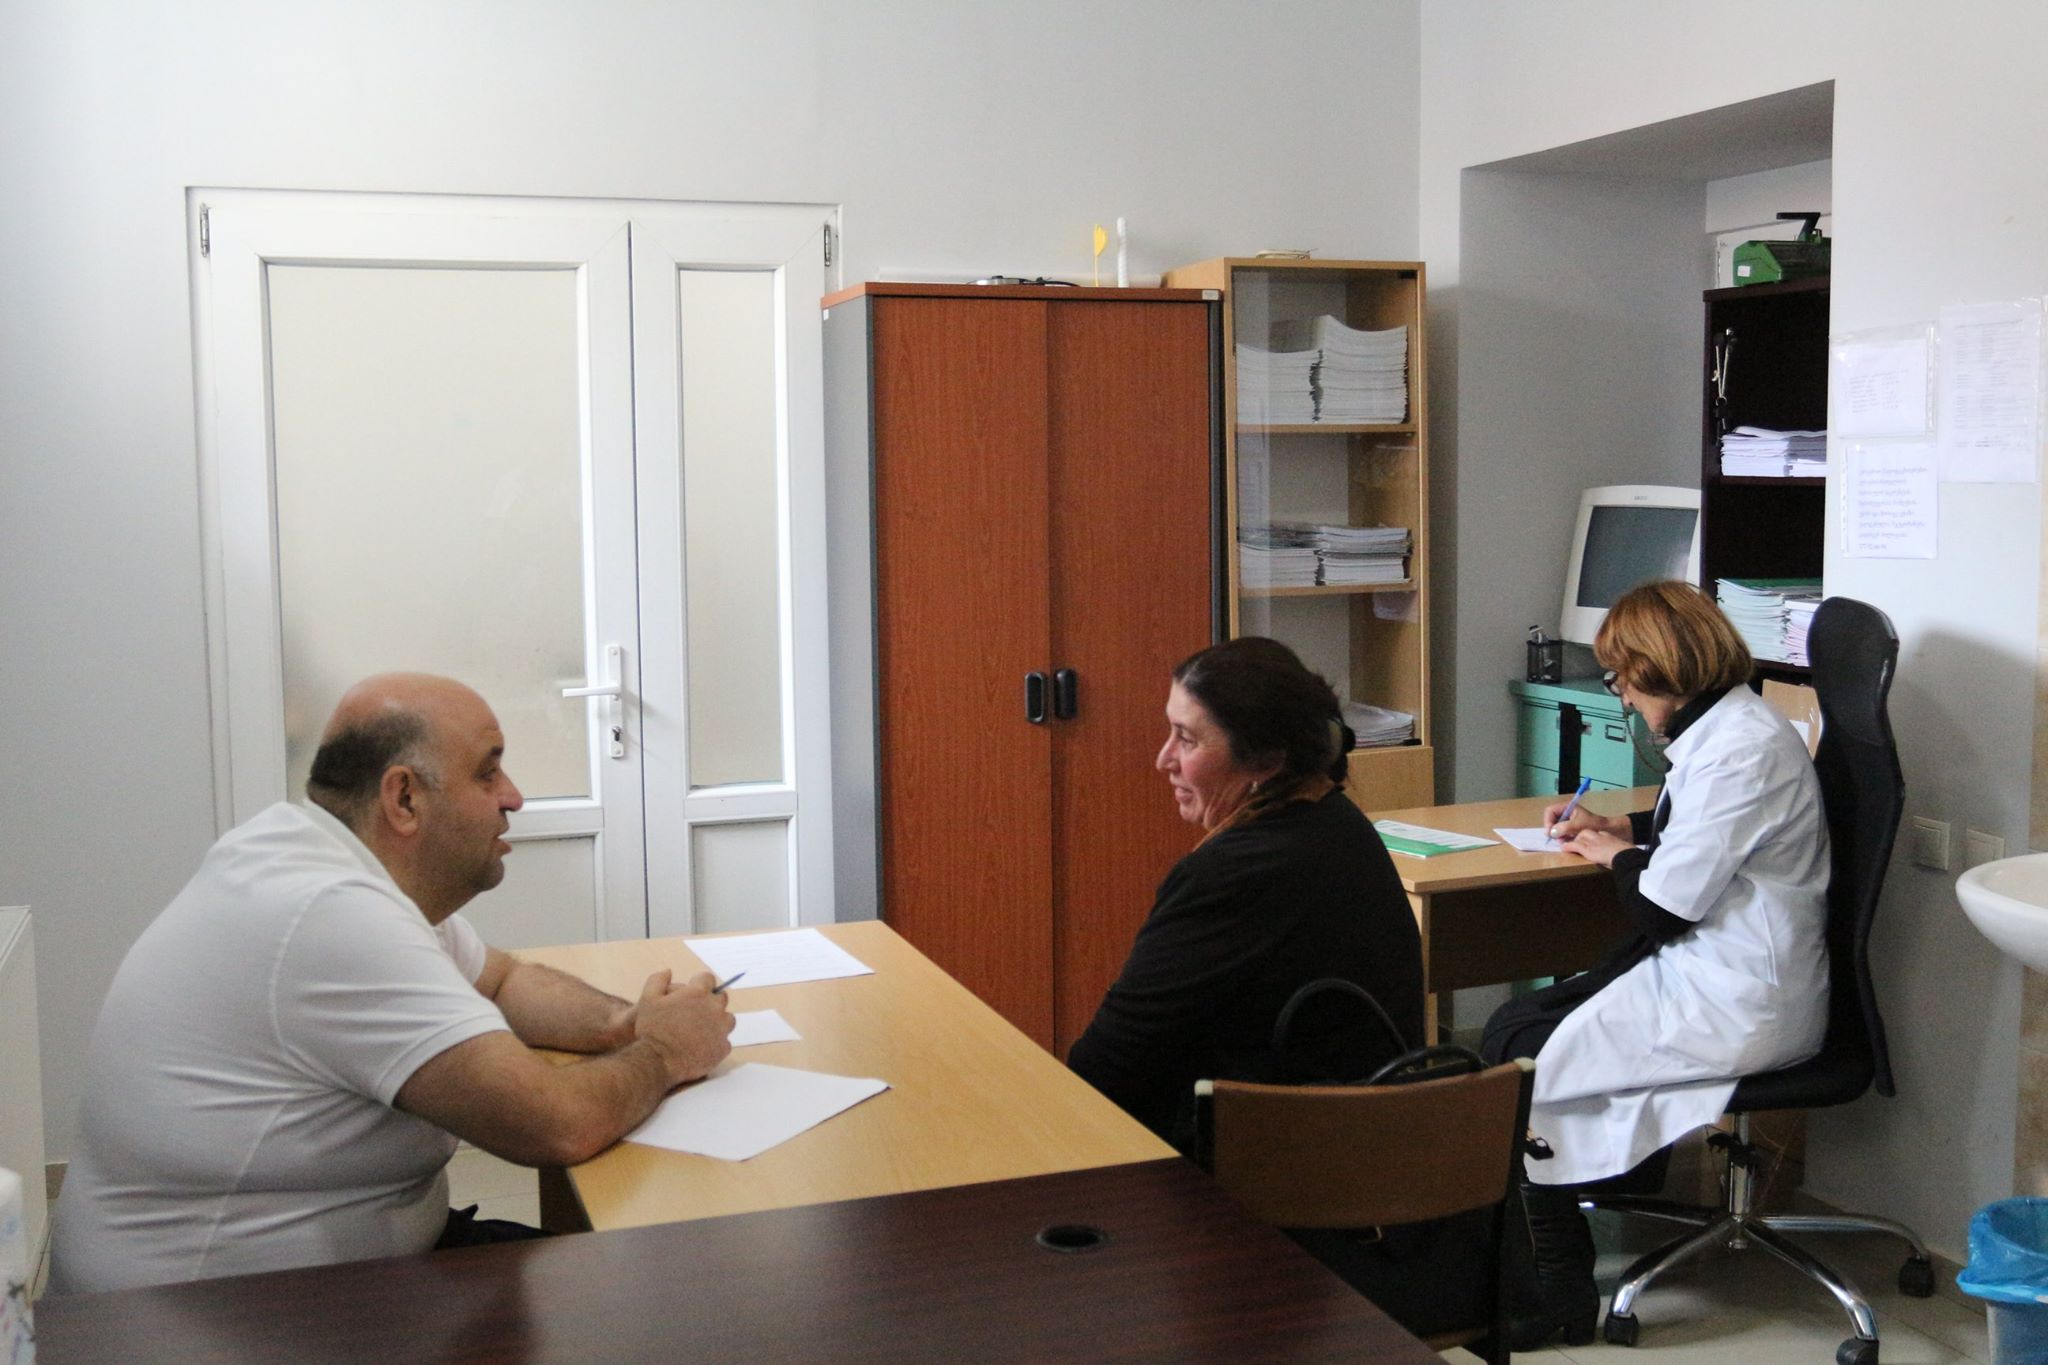 თბილისელი ექიმები მესტიის მოსახლეობას უფასოდ მოემსახურენ